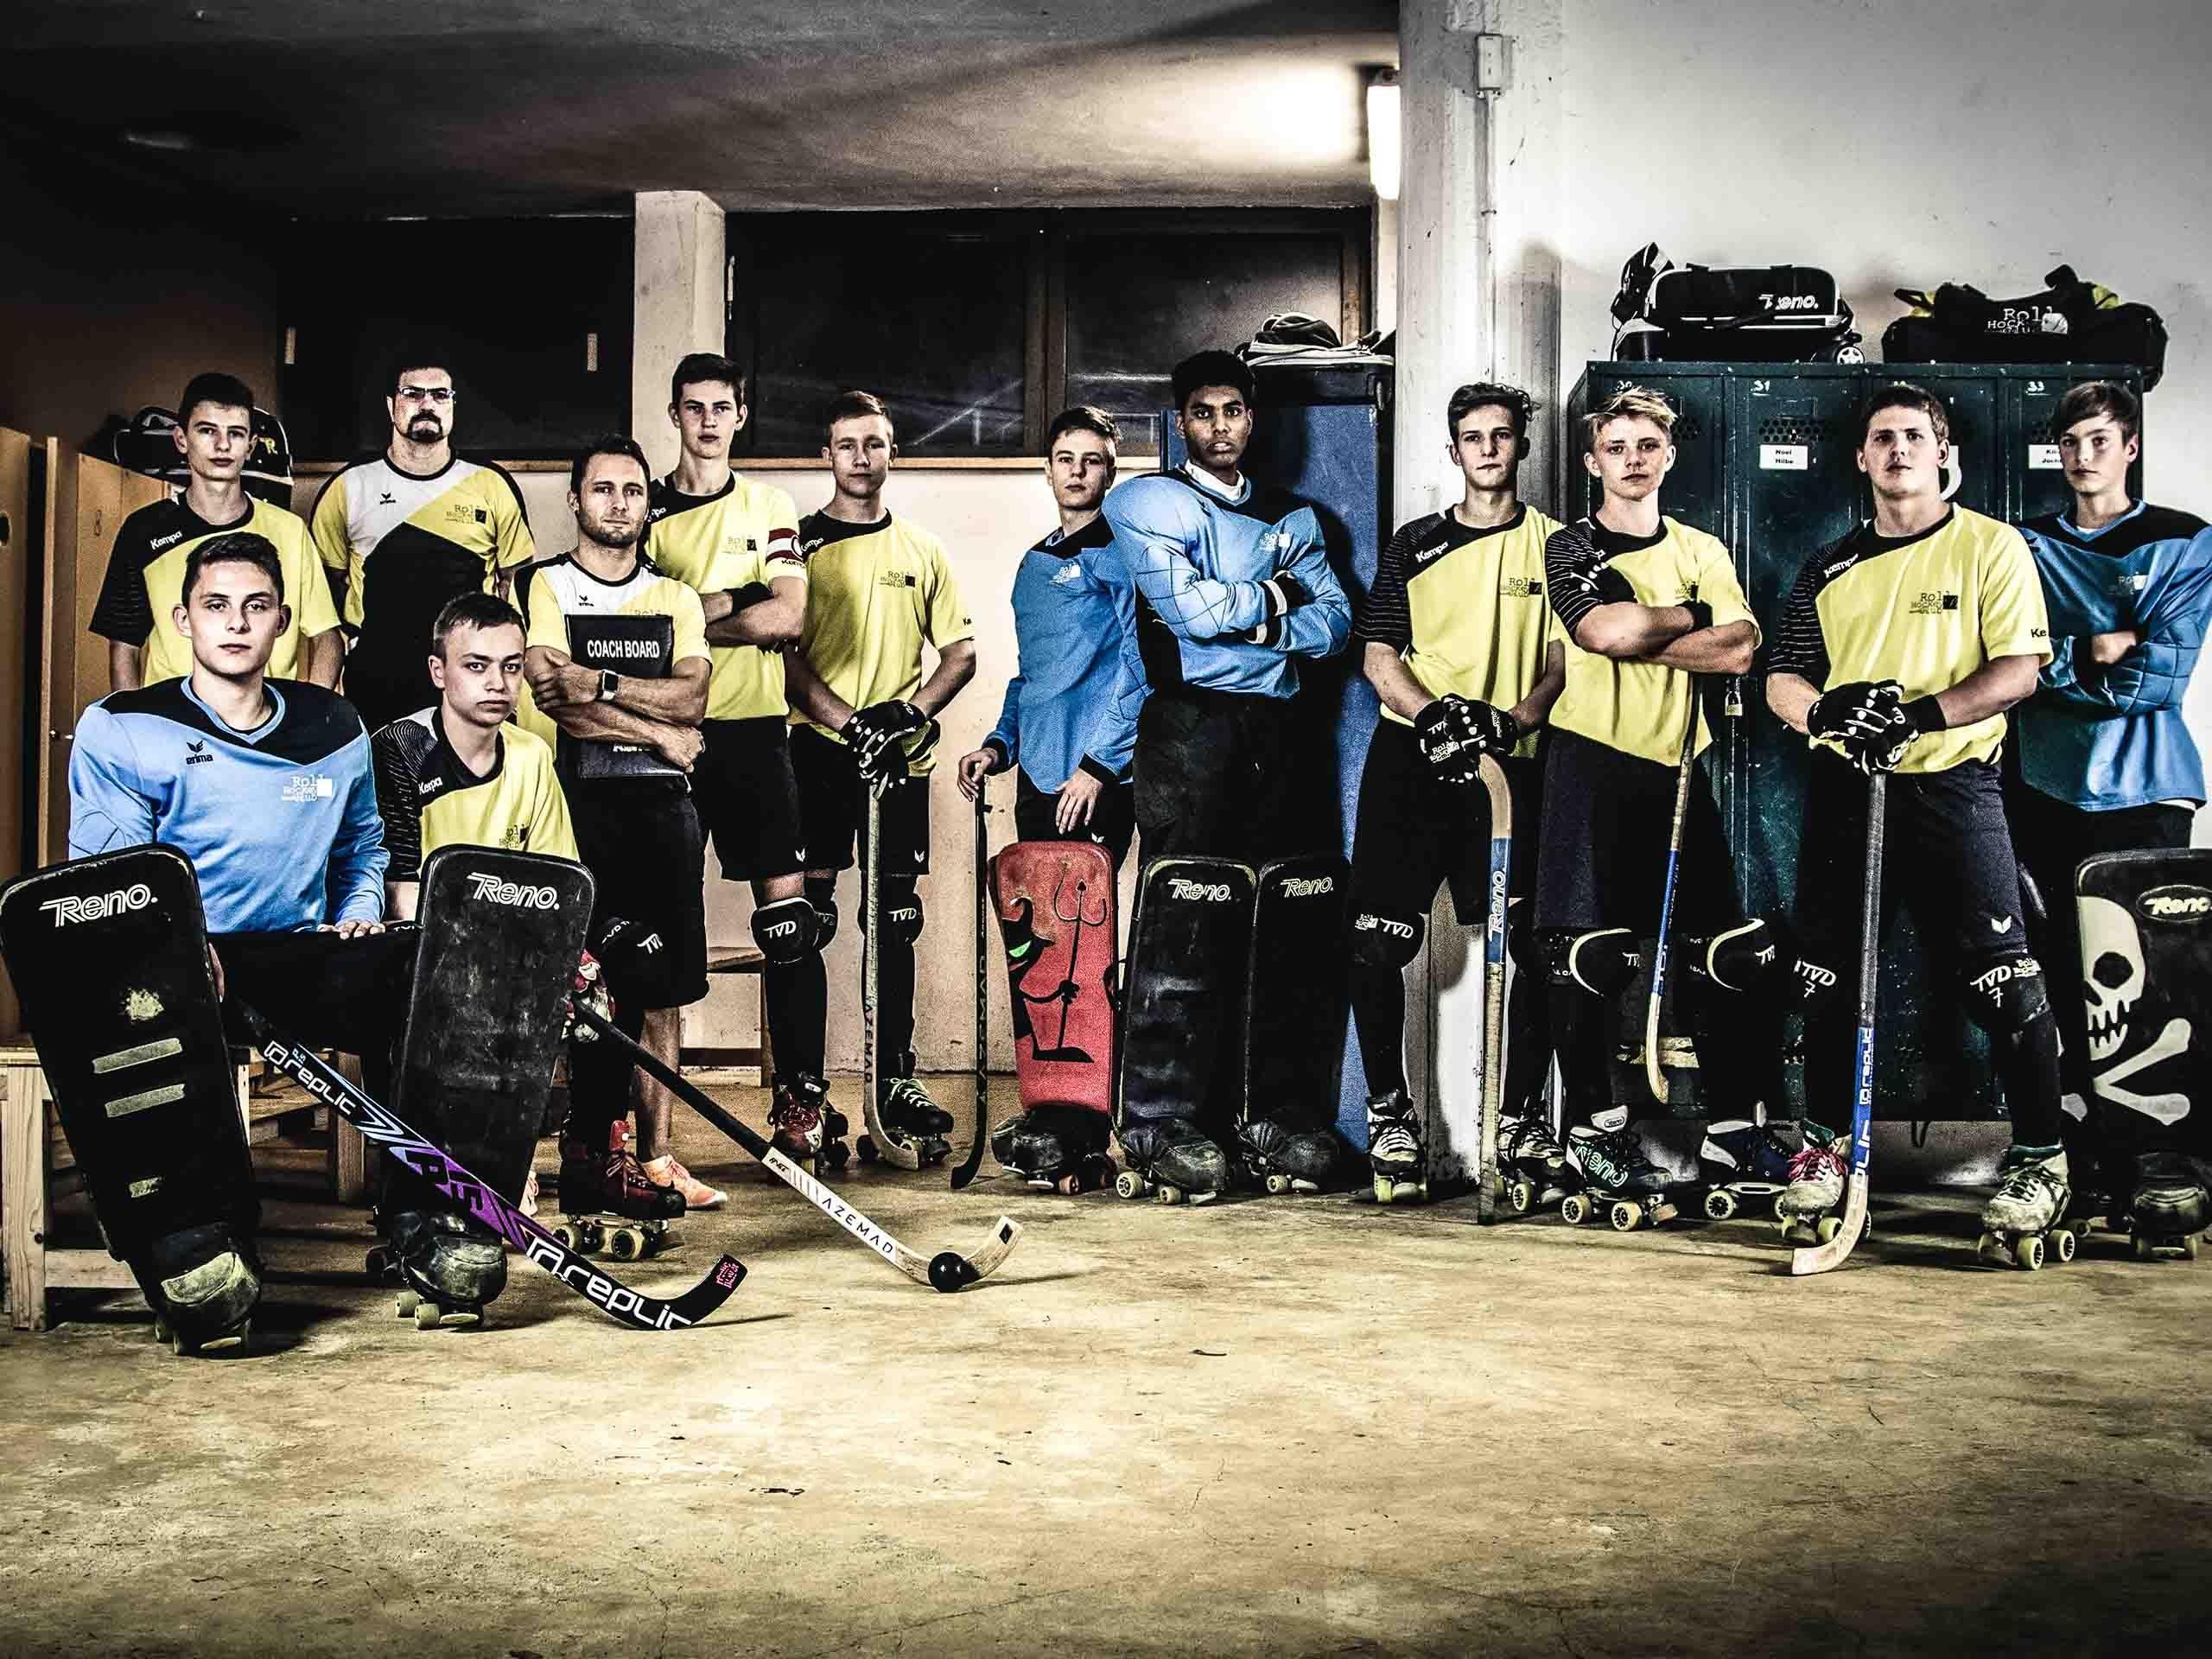 Nach dem Vizemeistertitel möchten die U20 des RHC Dornbirn nun auch noch den Titel in der Österreichischen Meisterschaft sichern.